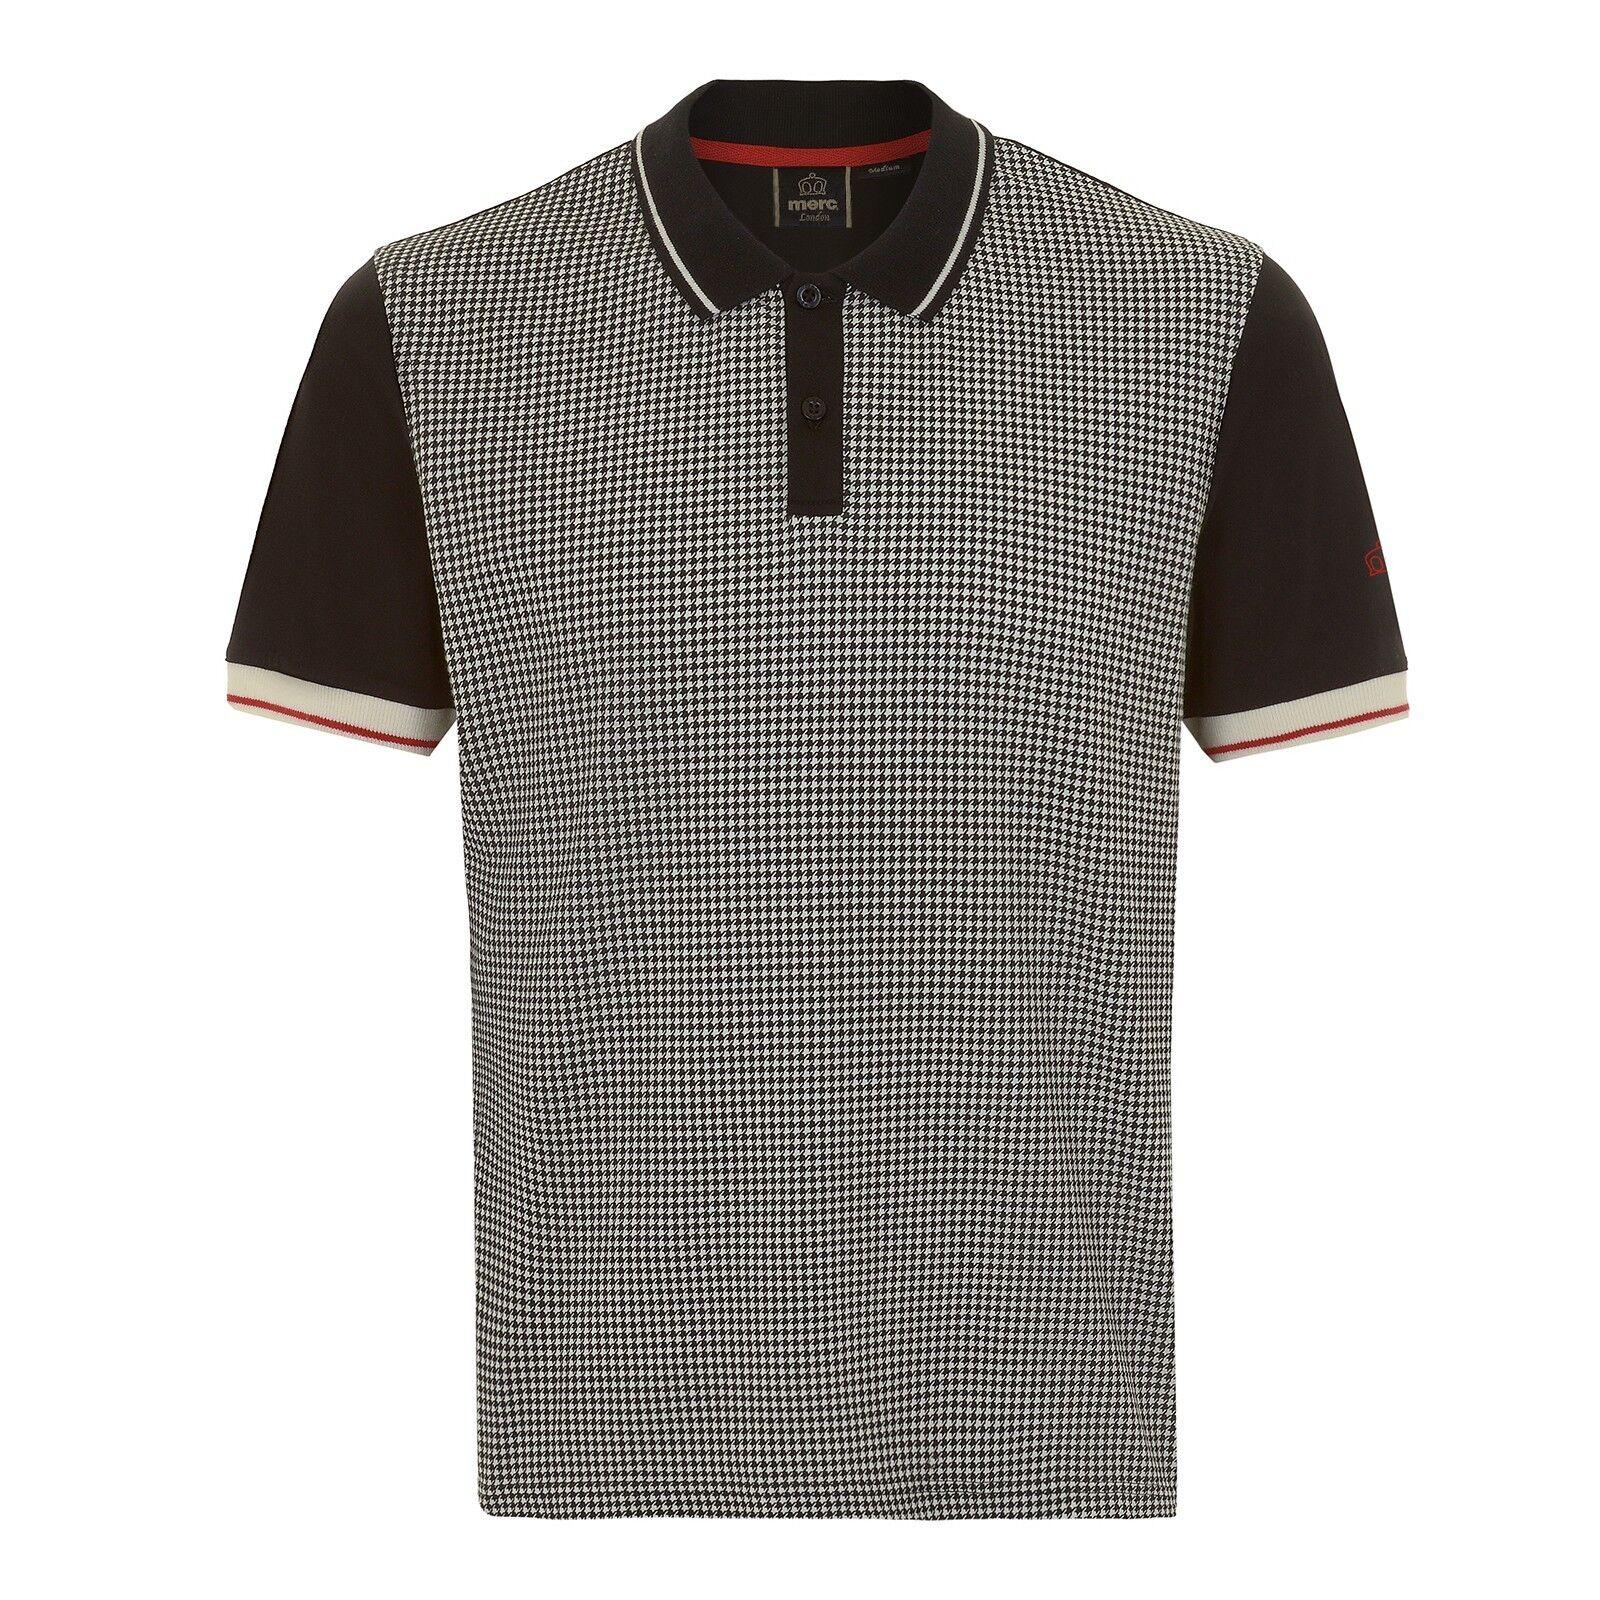 Herren Merc London Mod Retro Klassisch Klassisch Klassisch Hundezahn Kariertes Polo Hemd CGoldna -   Qualitätsprodukte  2ab24b